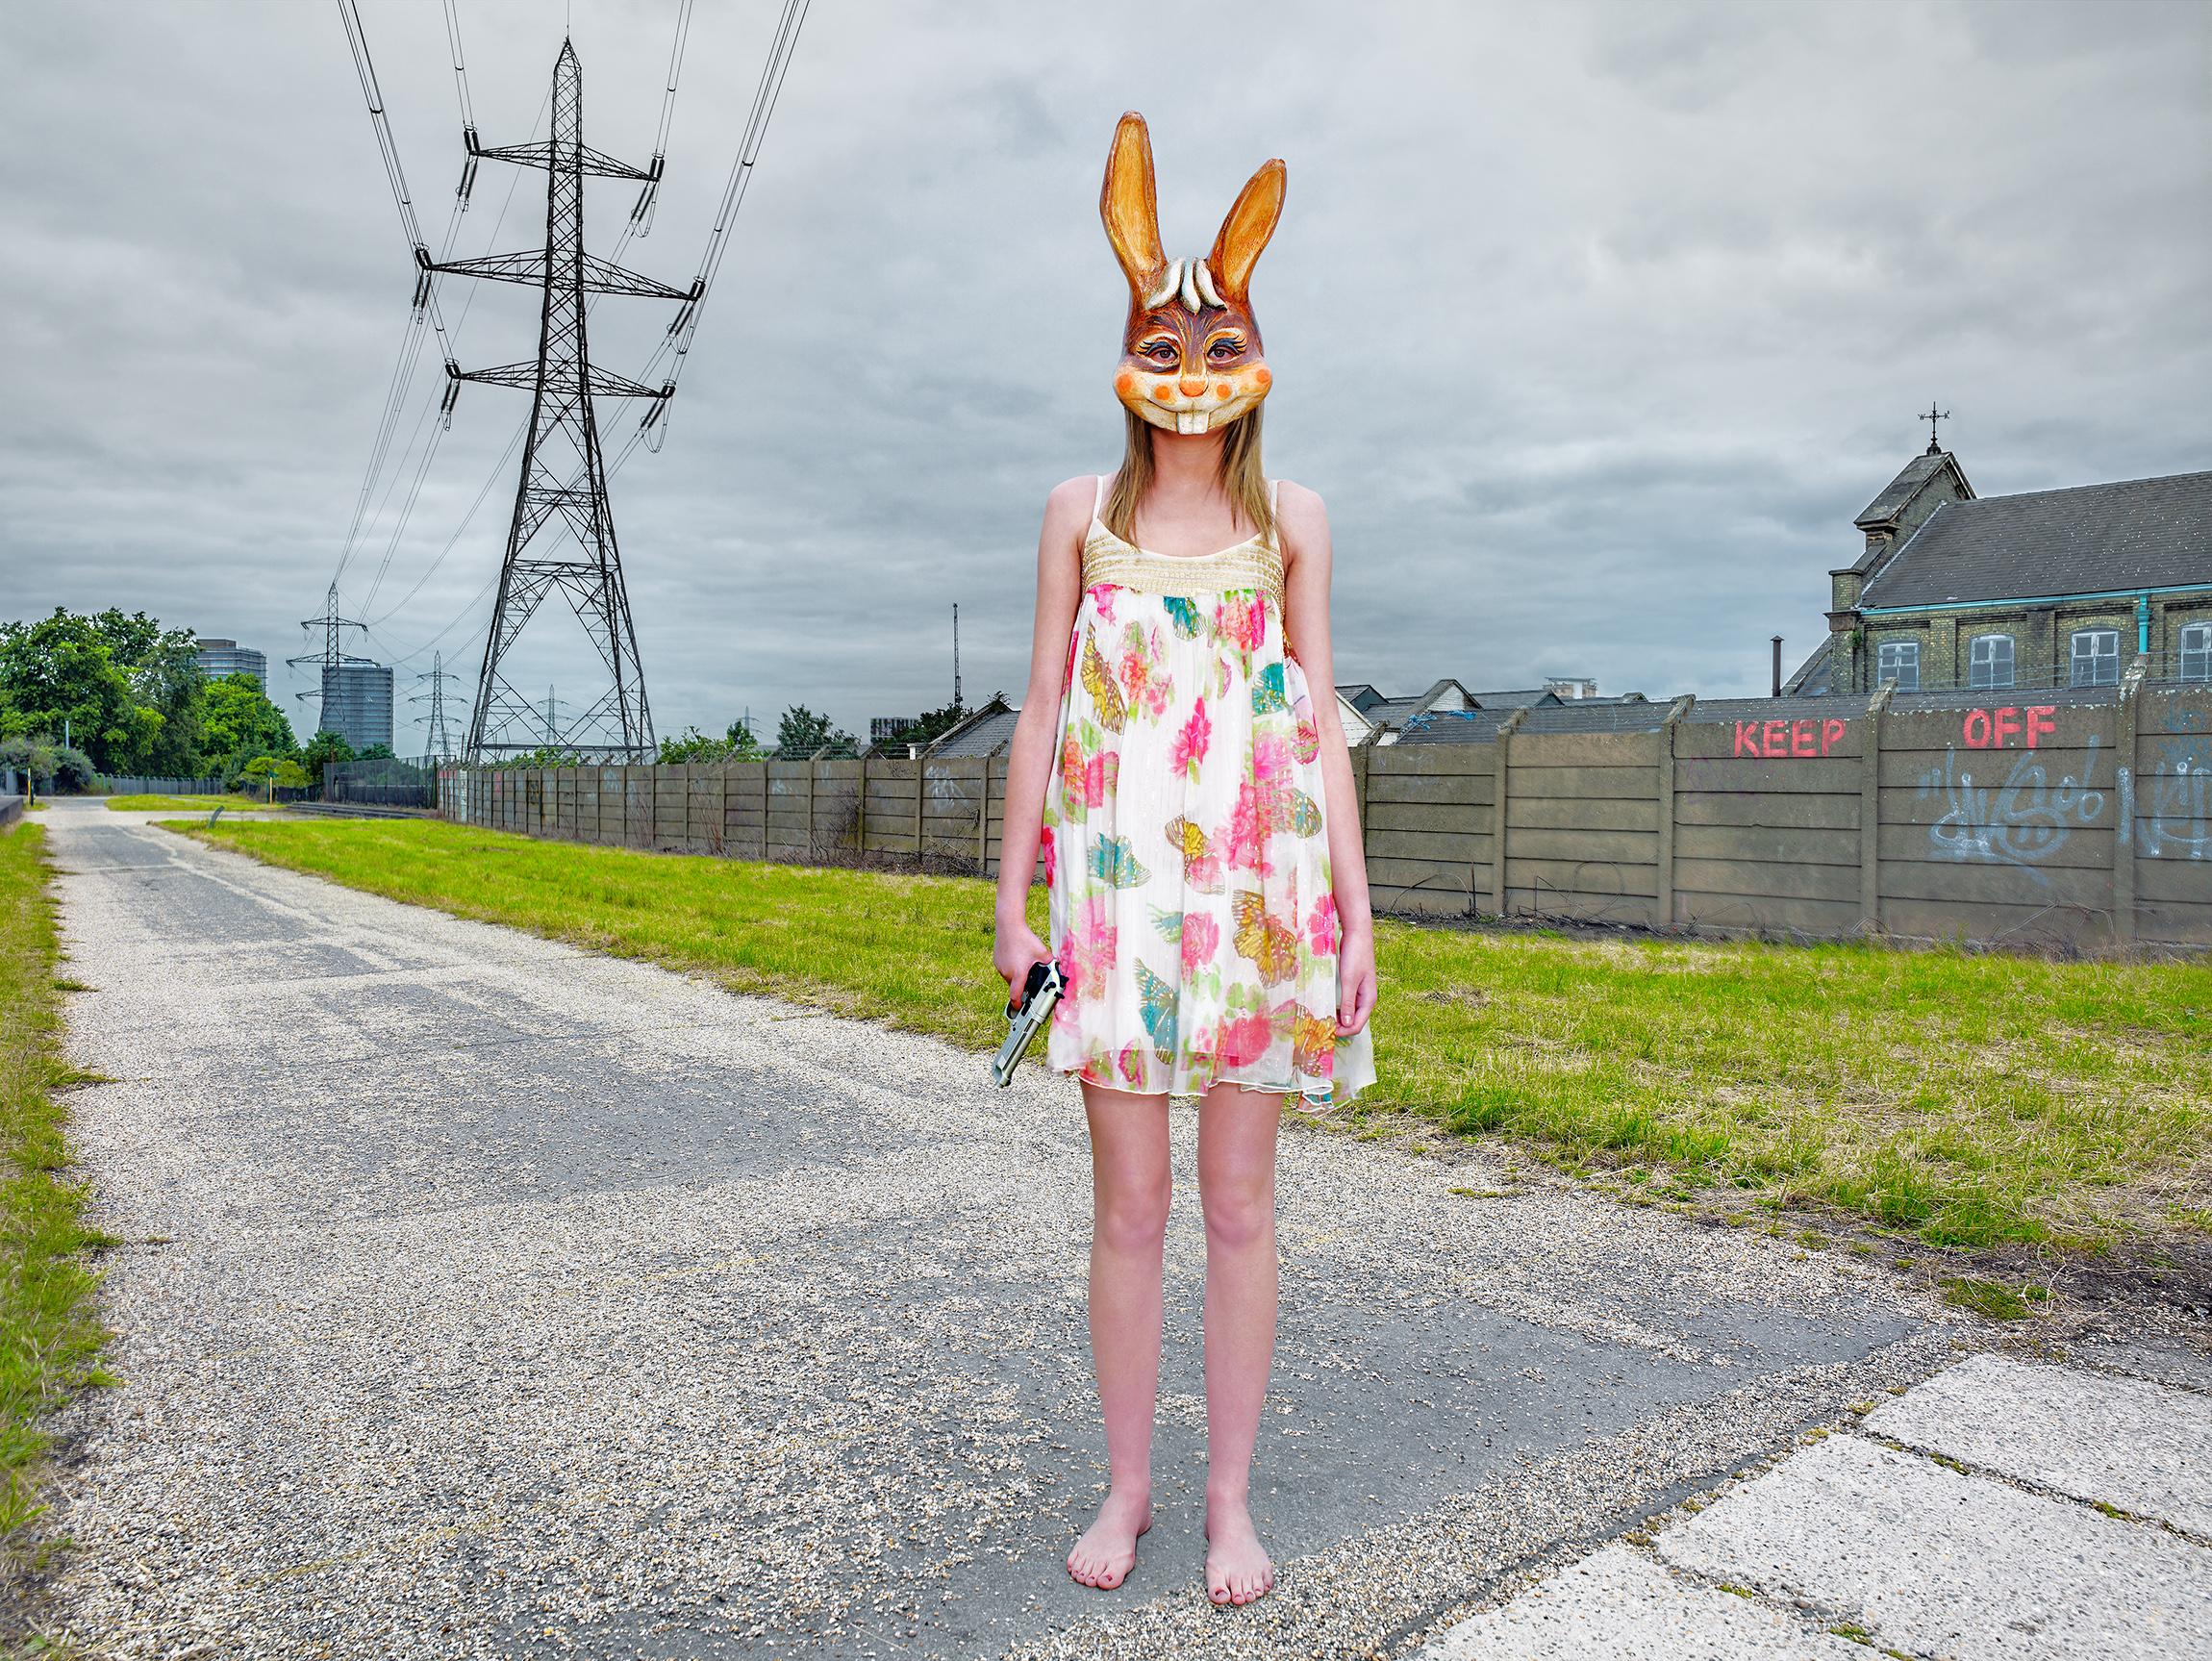 Bunny_Girl.jpg